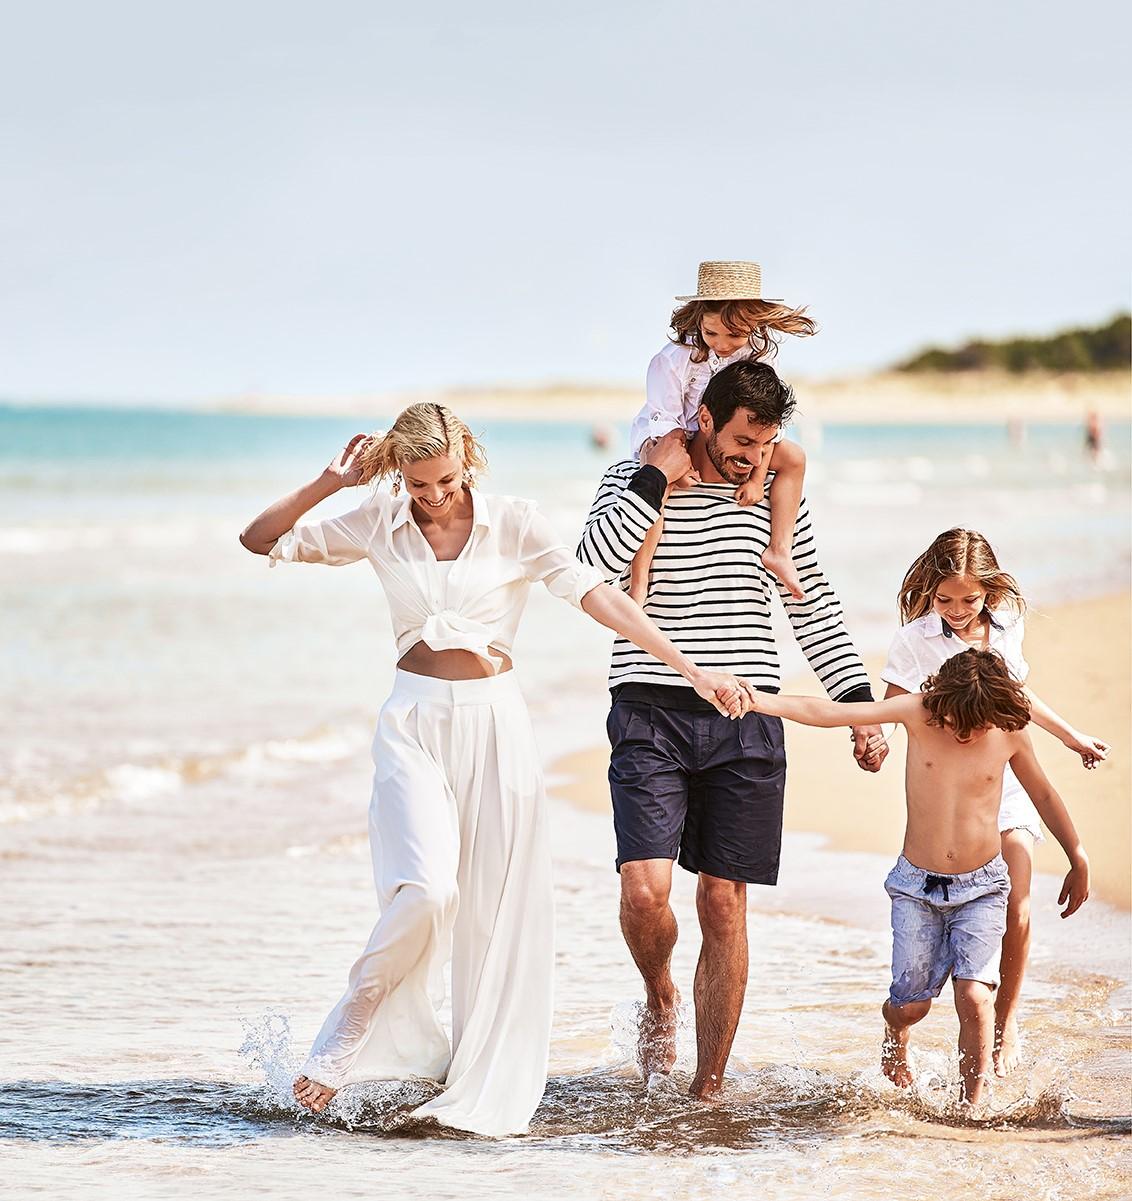 Βρήκαμε τον πιο family friendly προορισμό για ένα ασφαλές καλοκαίρι στη θάλασσα!